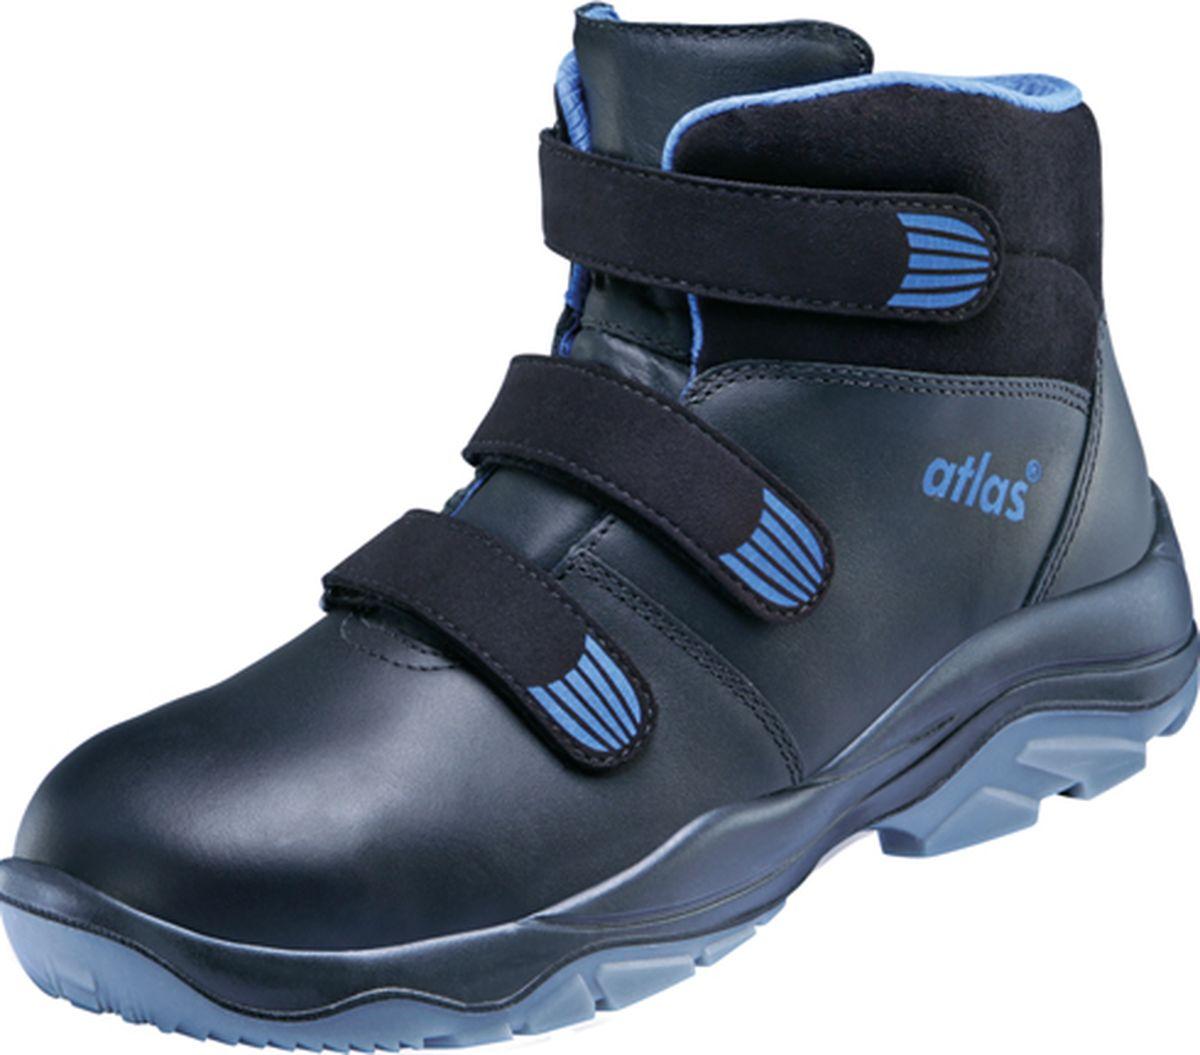 atlas footwear s3 sicherheits arbeits berufs schuhe hochschuhe tx 575 schwarz. Black Bedroom Furniture Sets. Home Design Ideas